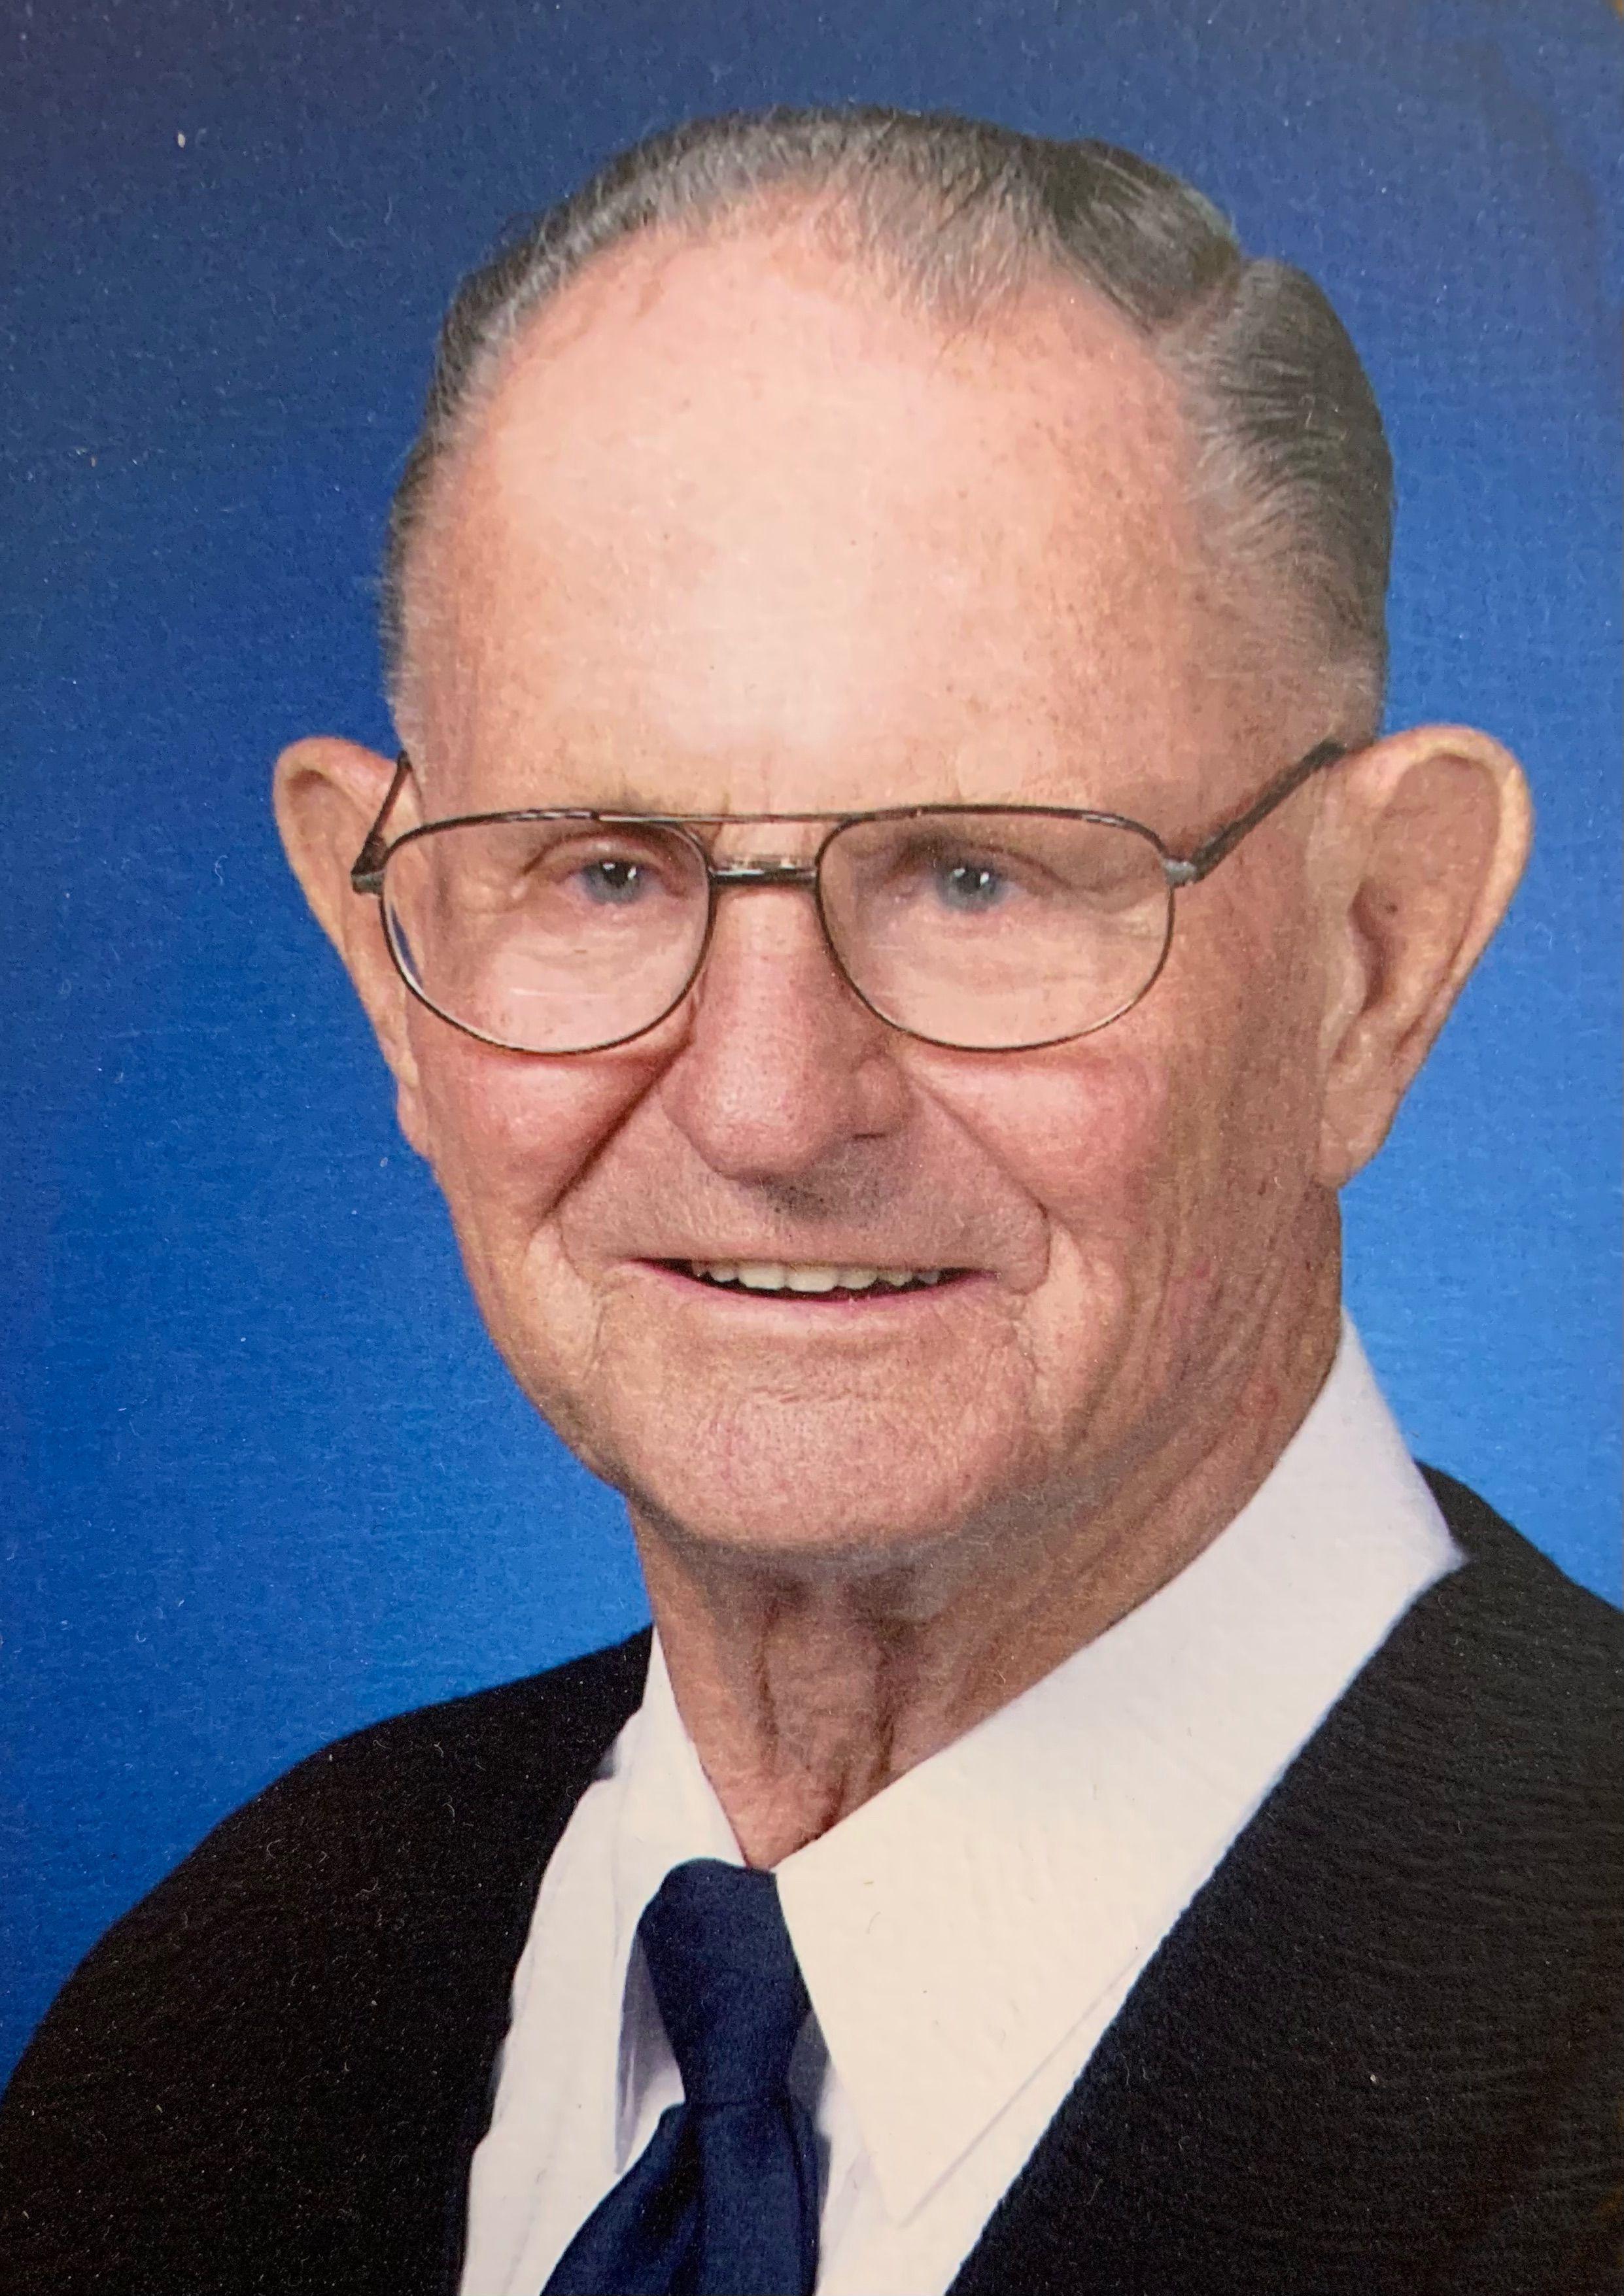 Charles Gazdik